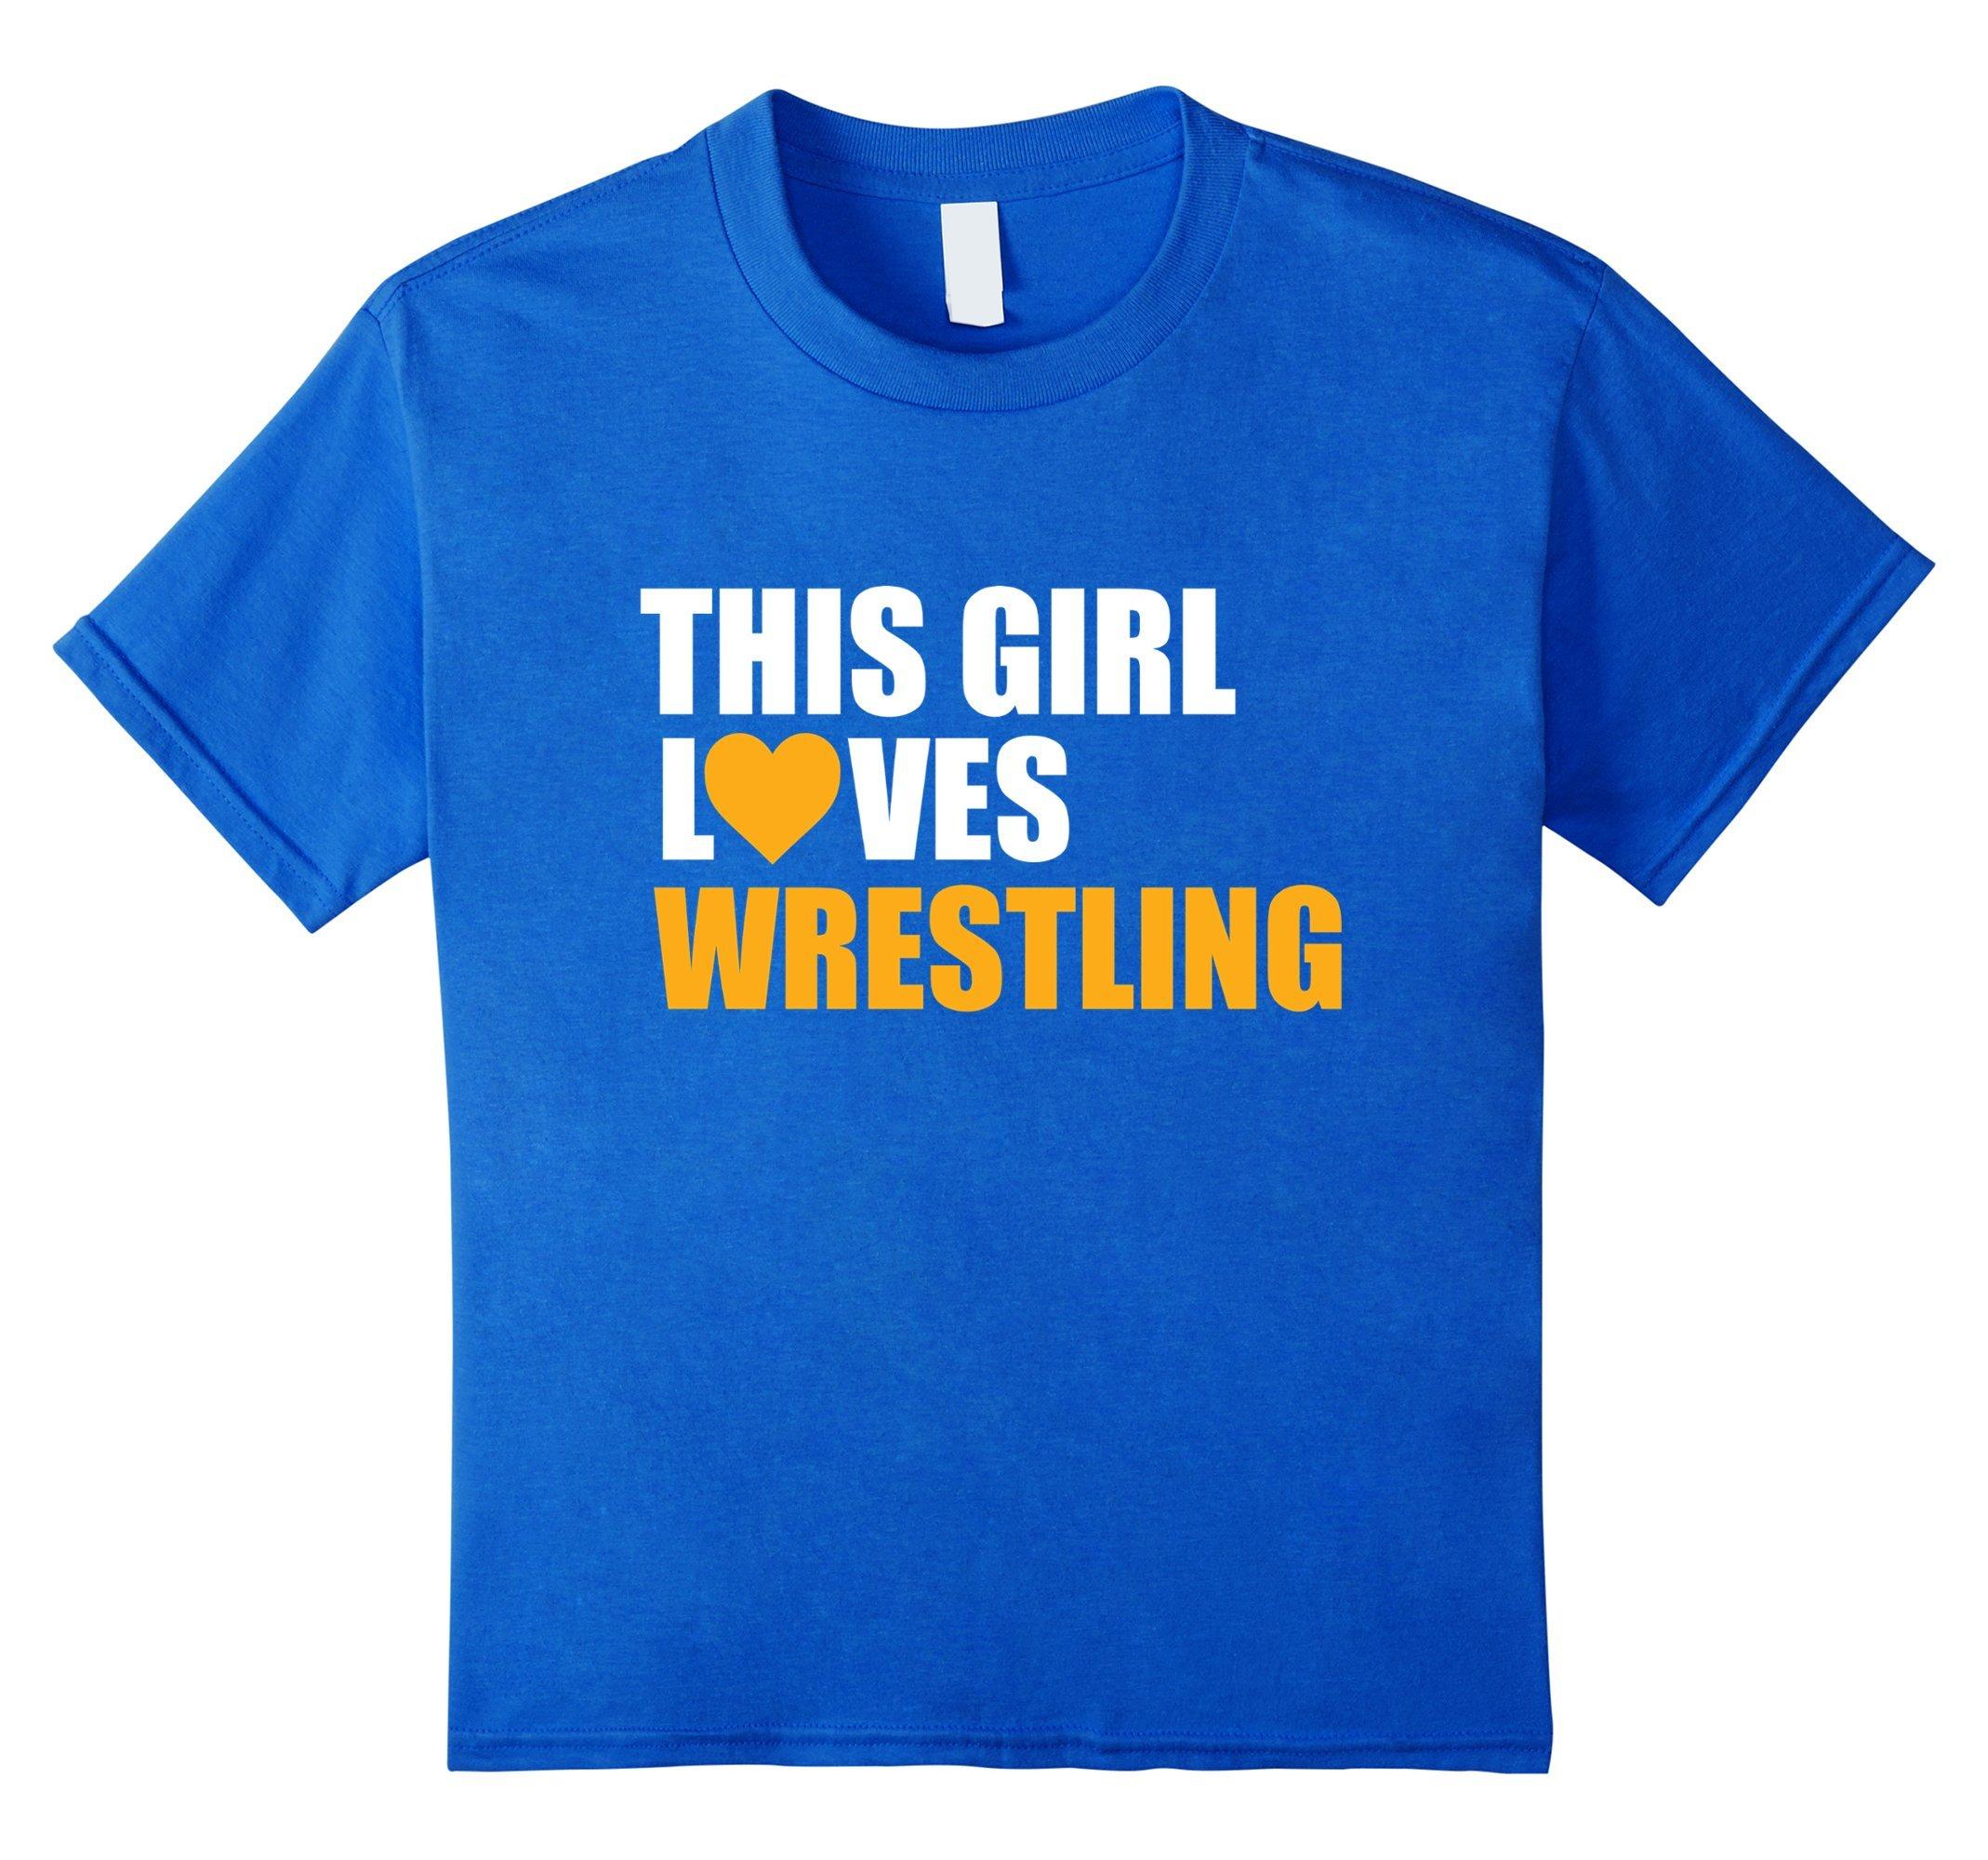 Kids Funny Wrestling Shirt This girl love wrestling 10 Royal Blue